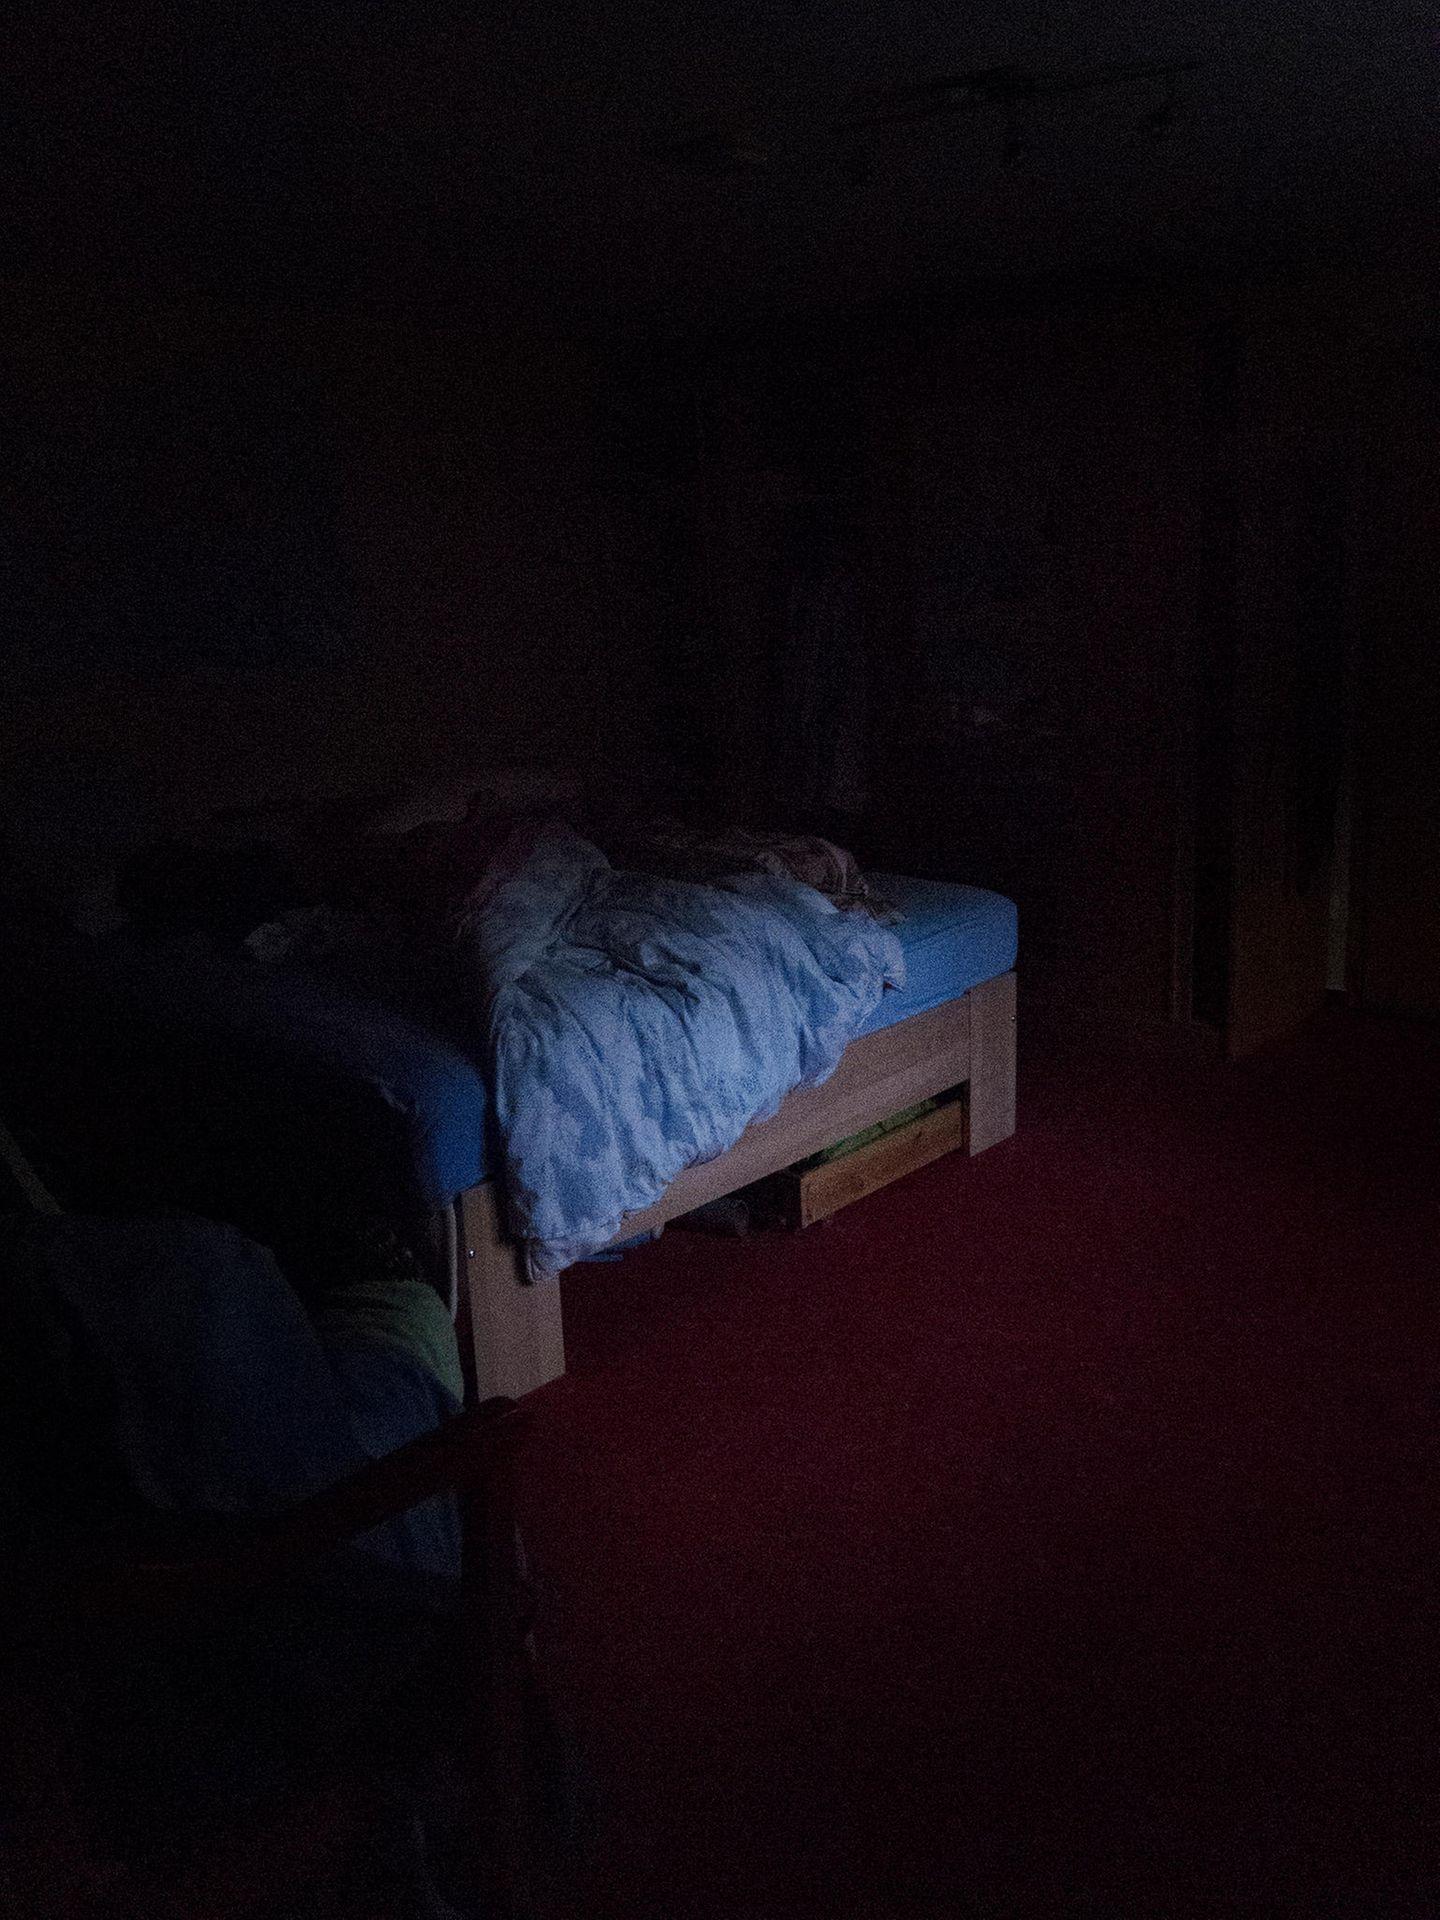 Ein Bett steht in einem abgedunkelten Zimmer